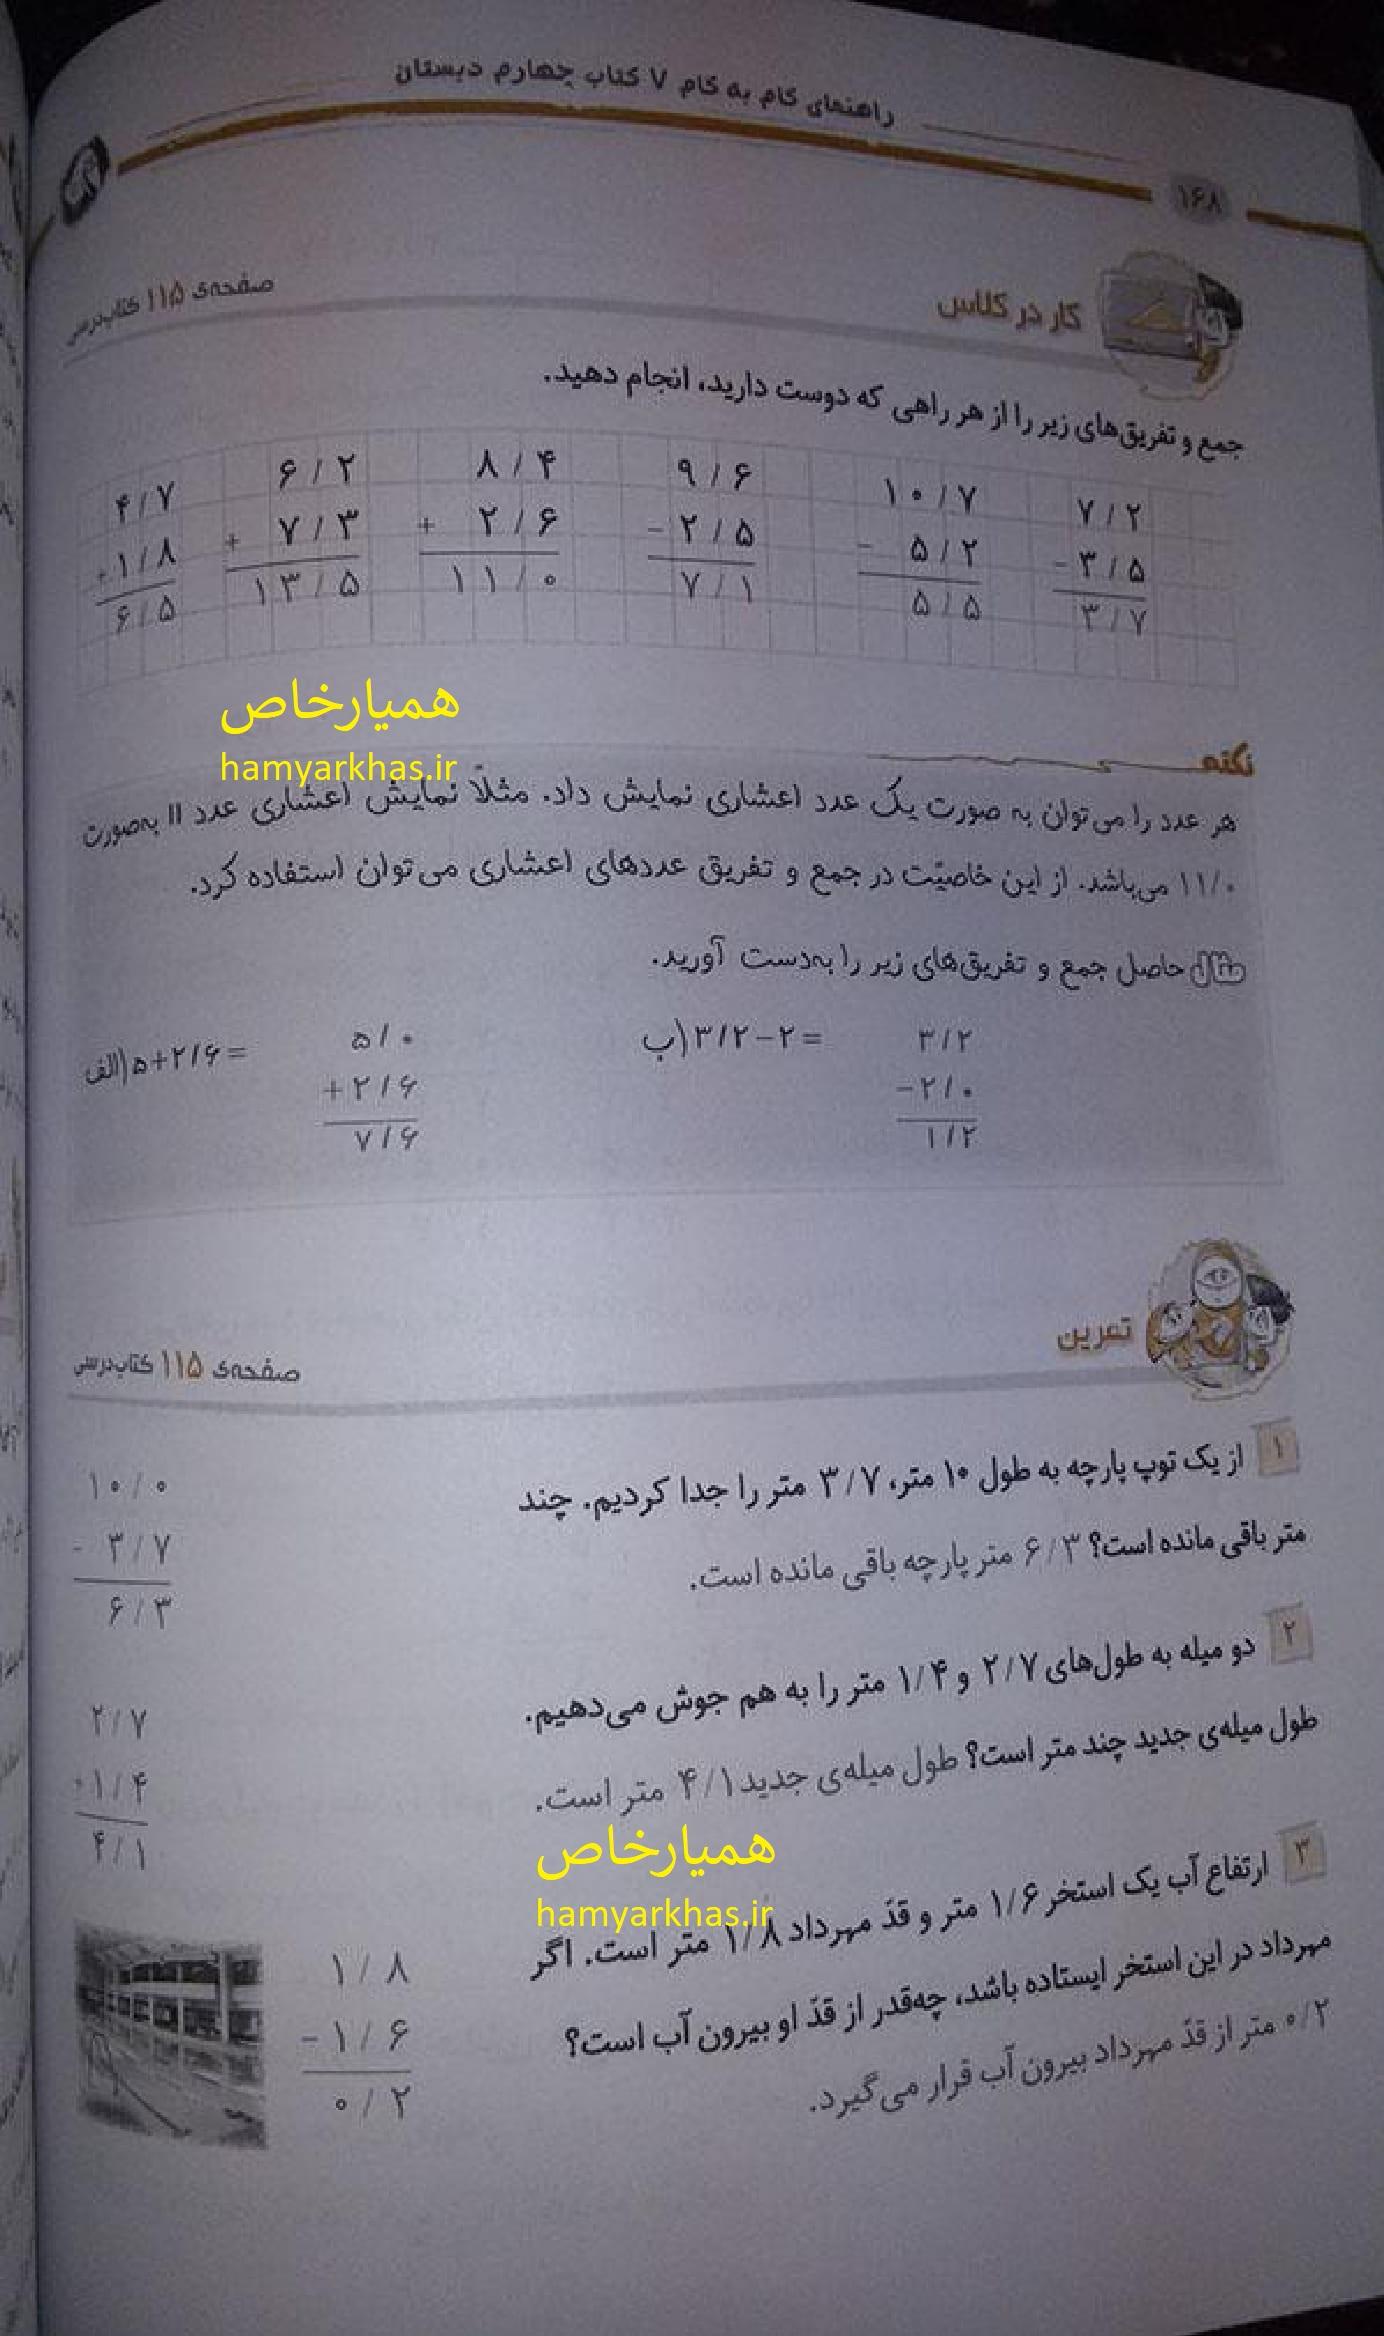 جواب صفحه 115ریاضی چهارم.jpg